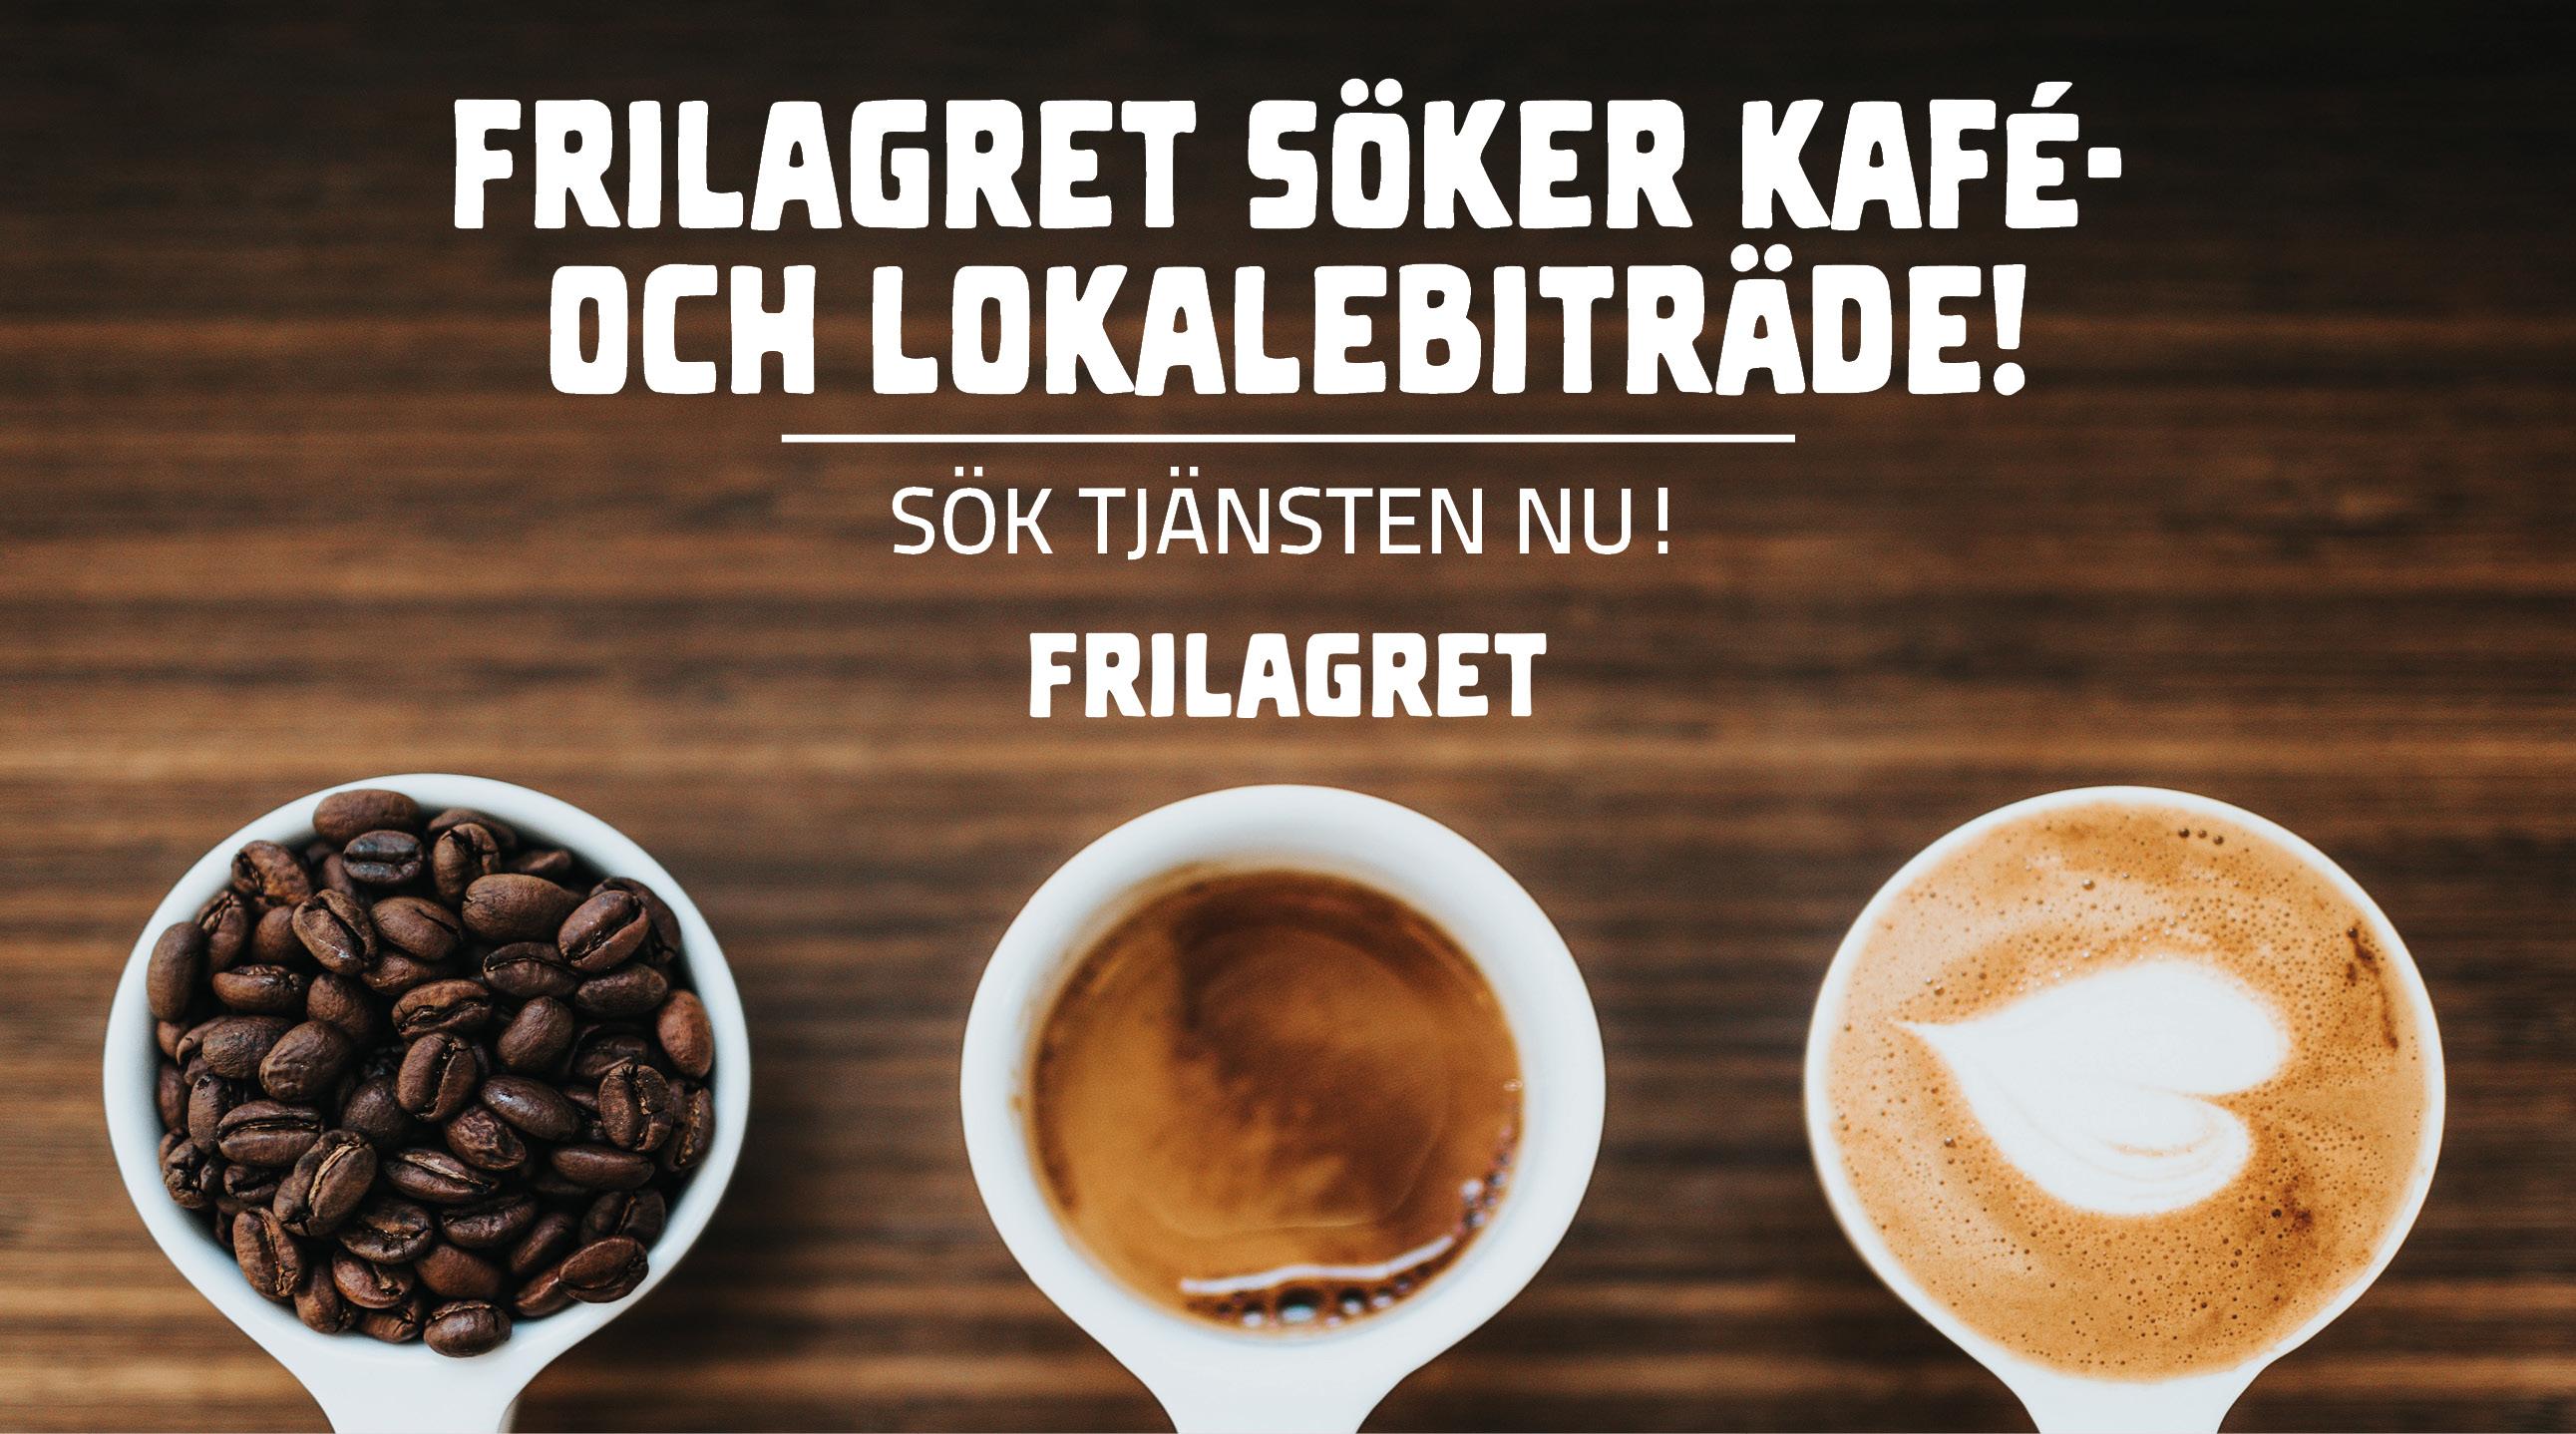 Frilagret sökerkafé- och lokalbiträde!